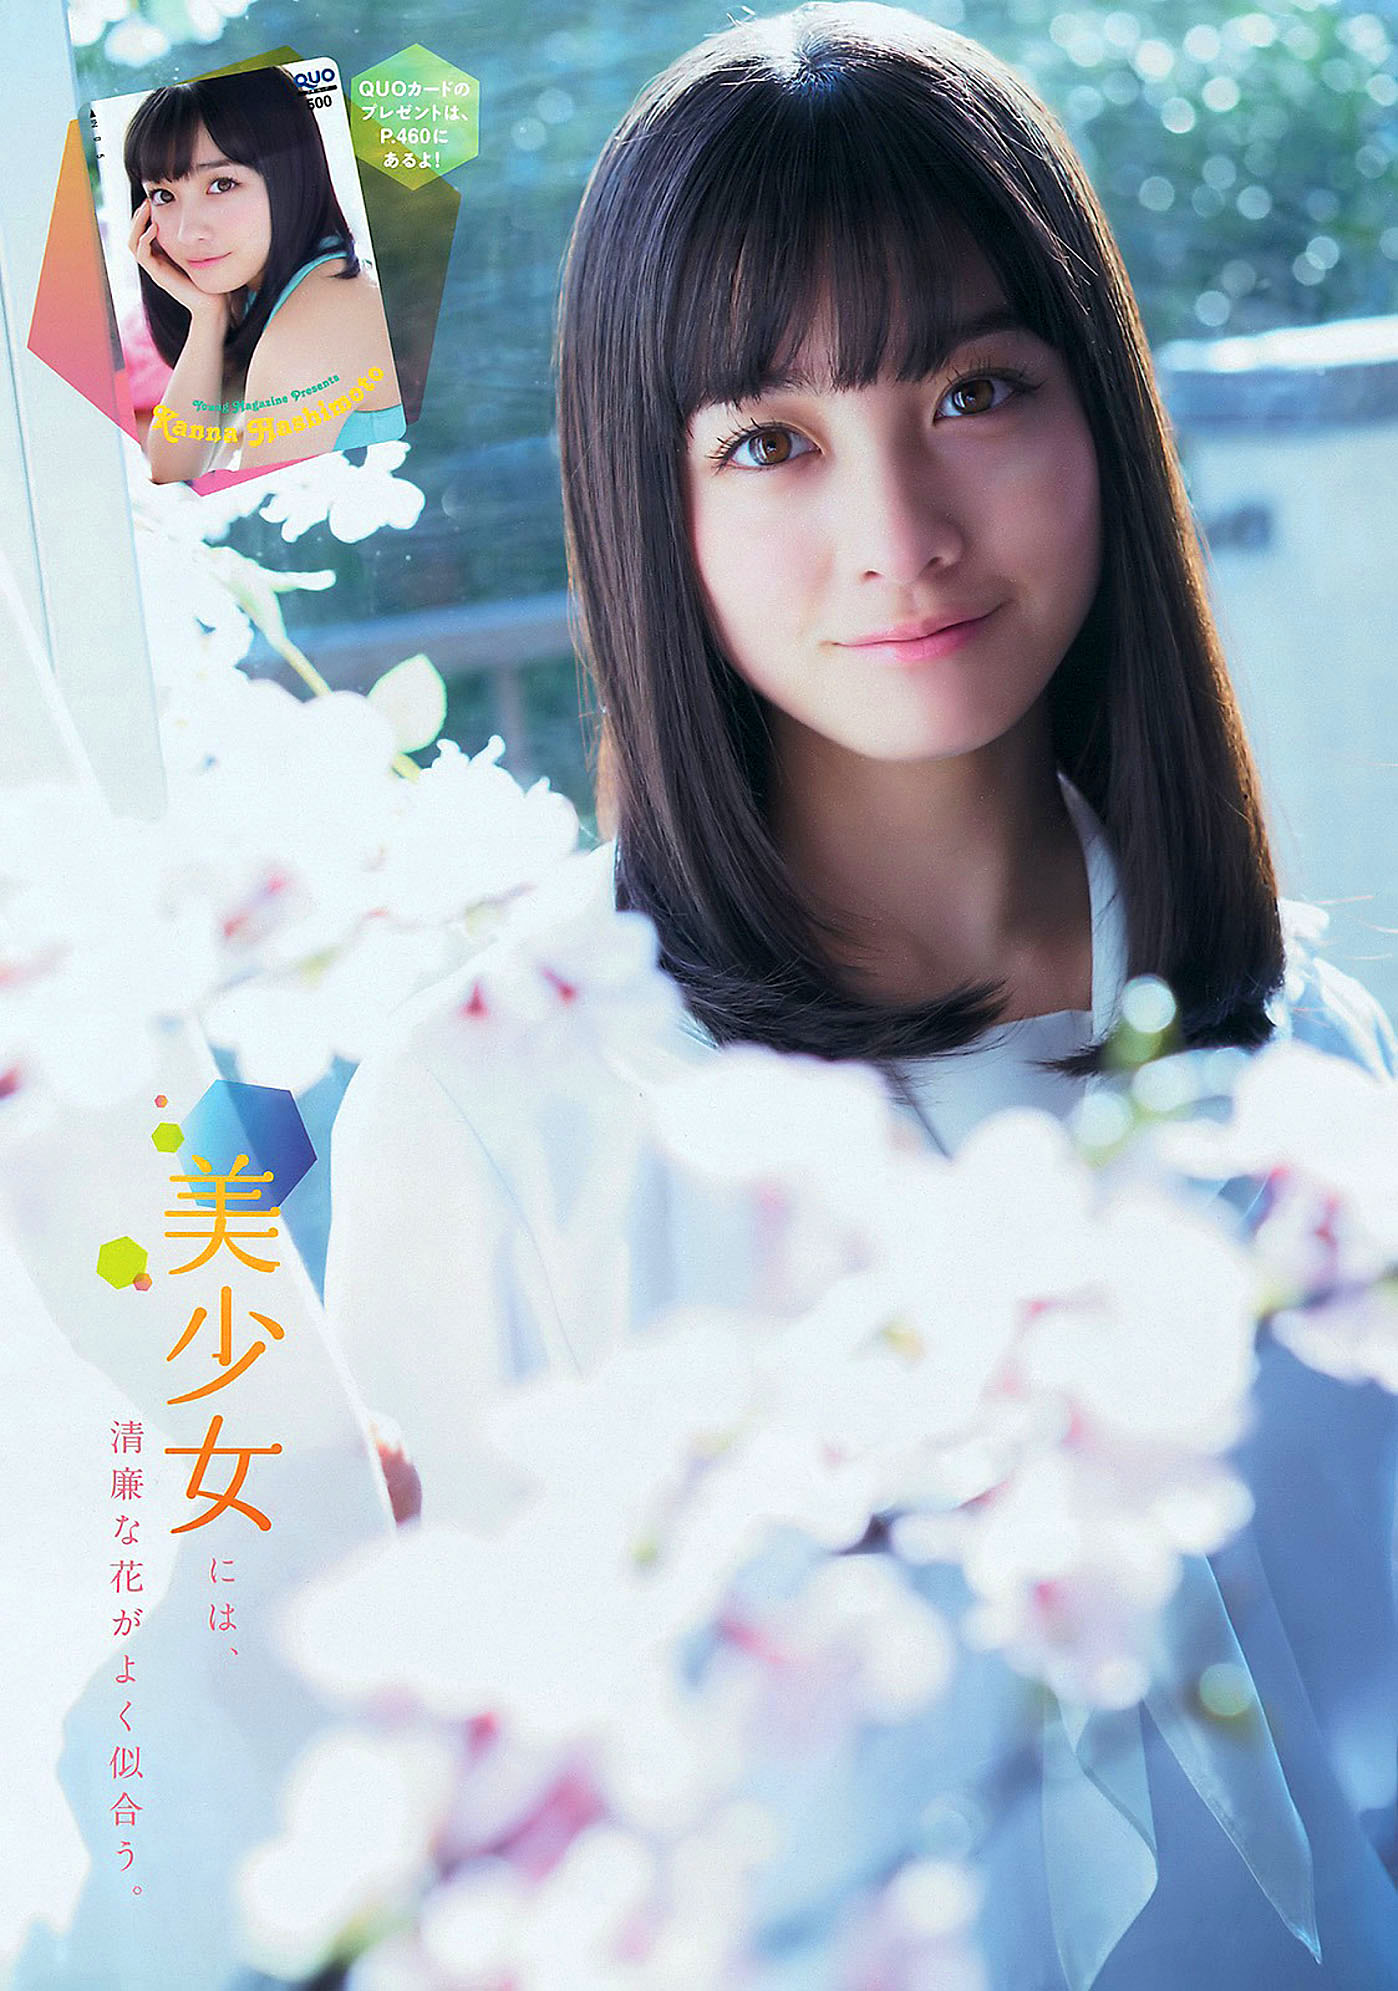 KHashimoto Young Magazine 160314 06.jpg